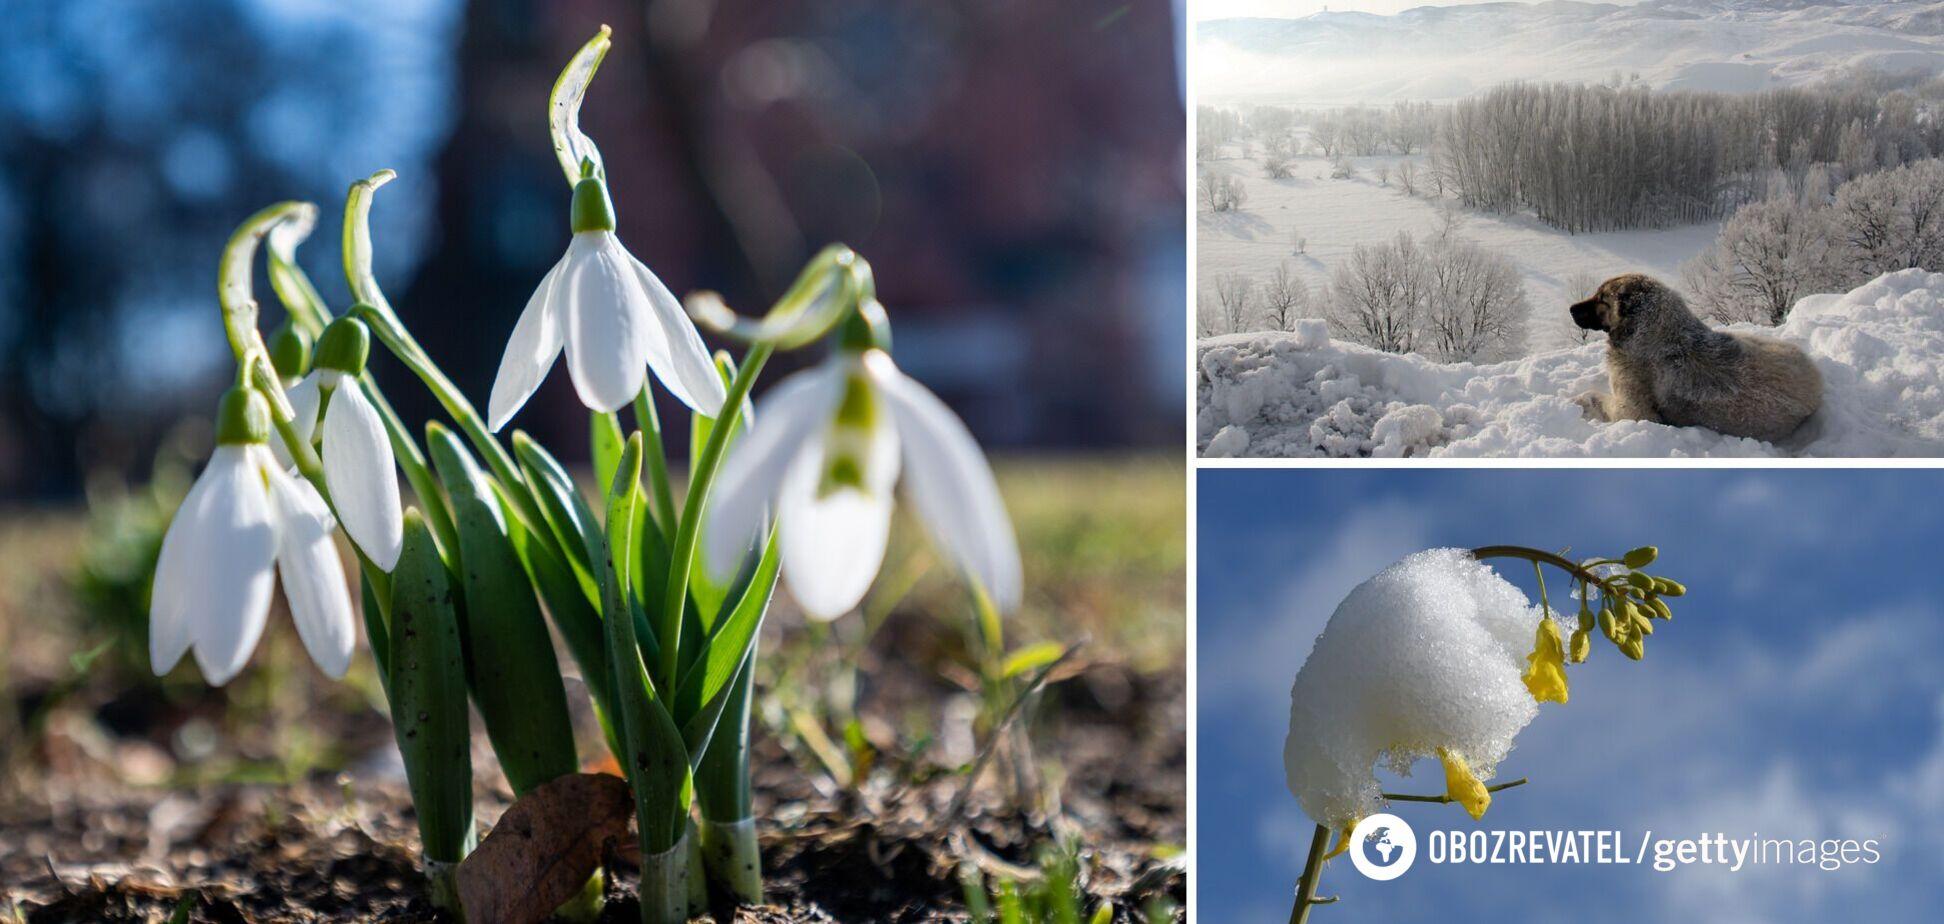 Весна отменяется, идет похолодание: синоптик уточнил прогноз погоды в Украине на начало марта